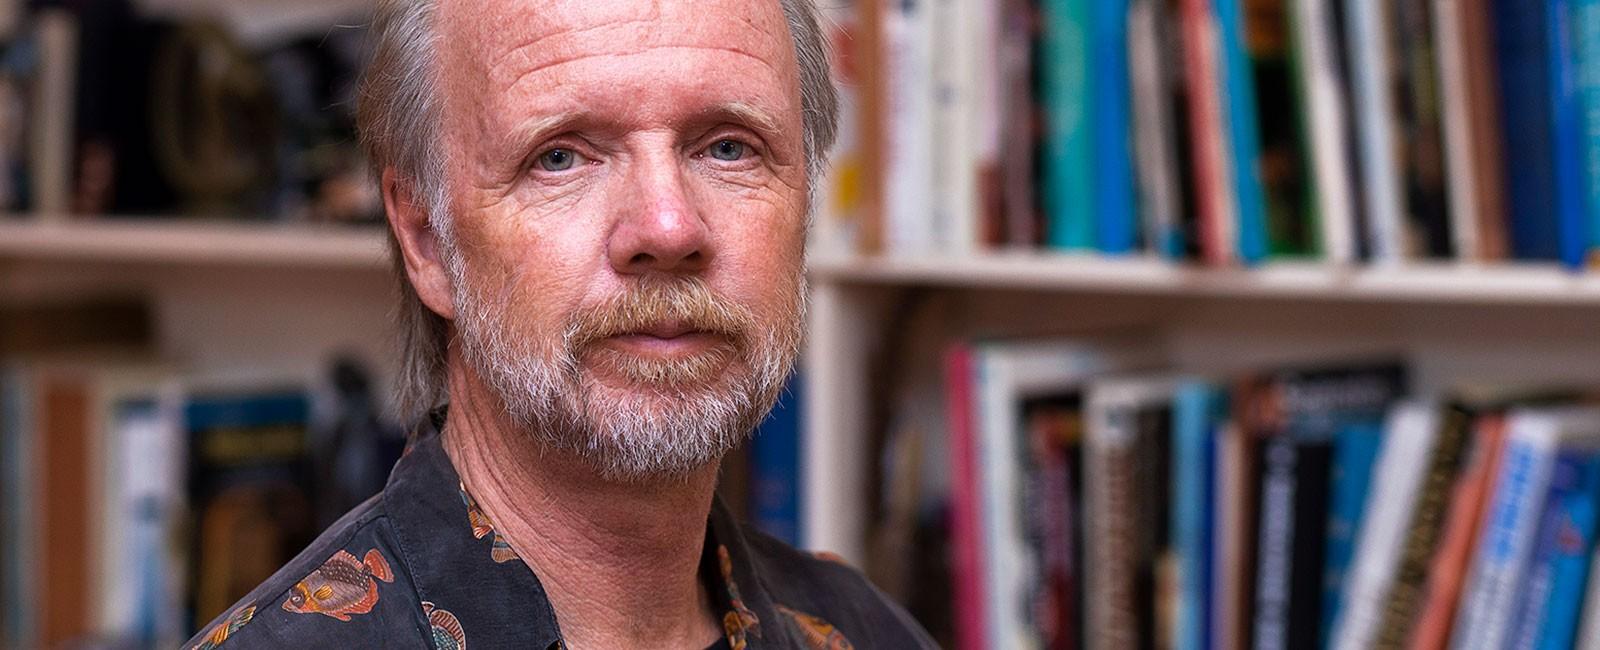 Martin Scheffer